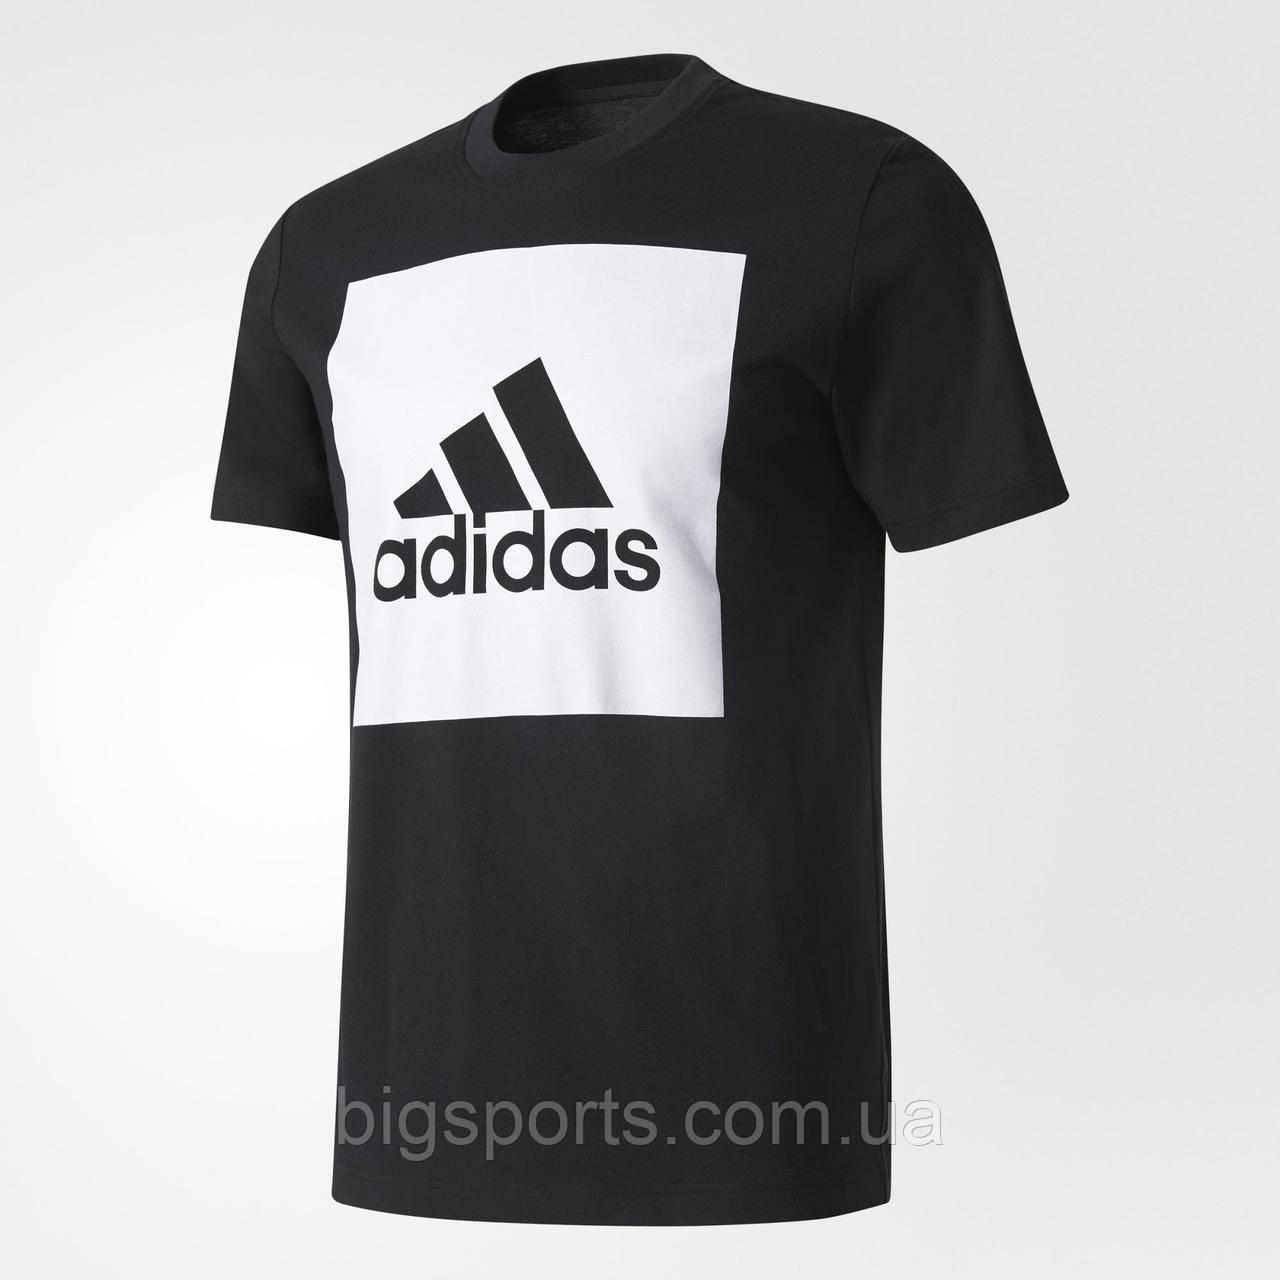 Футболка муж. Adidas Ess Biglogo Tee (арт. S98724)